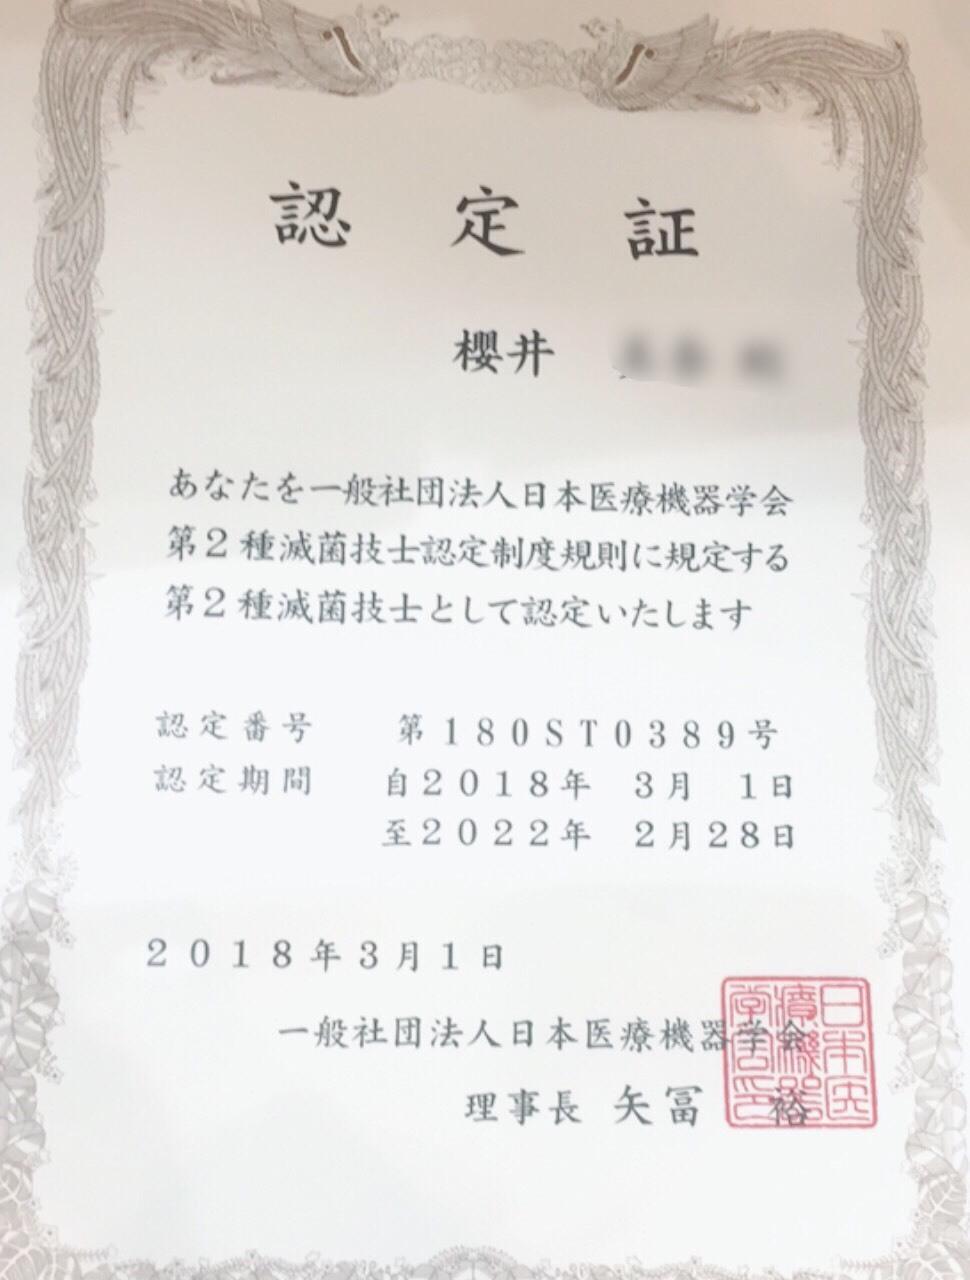 「第2種滅菌技士」試験合格